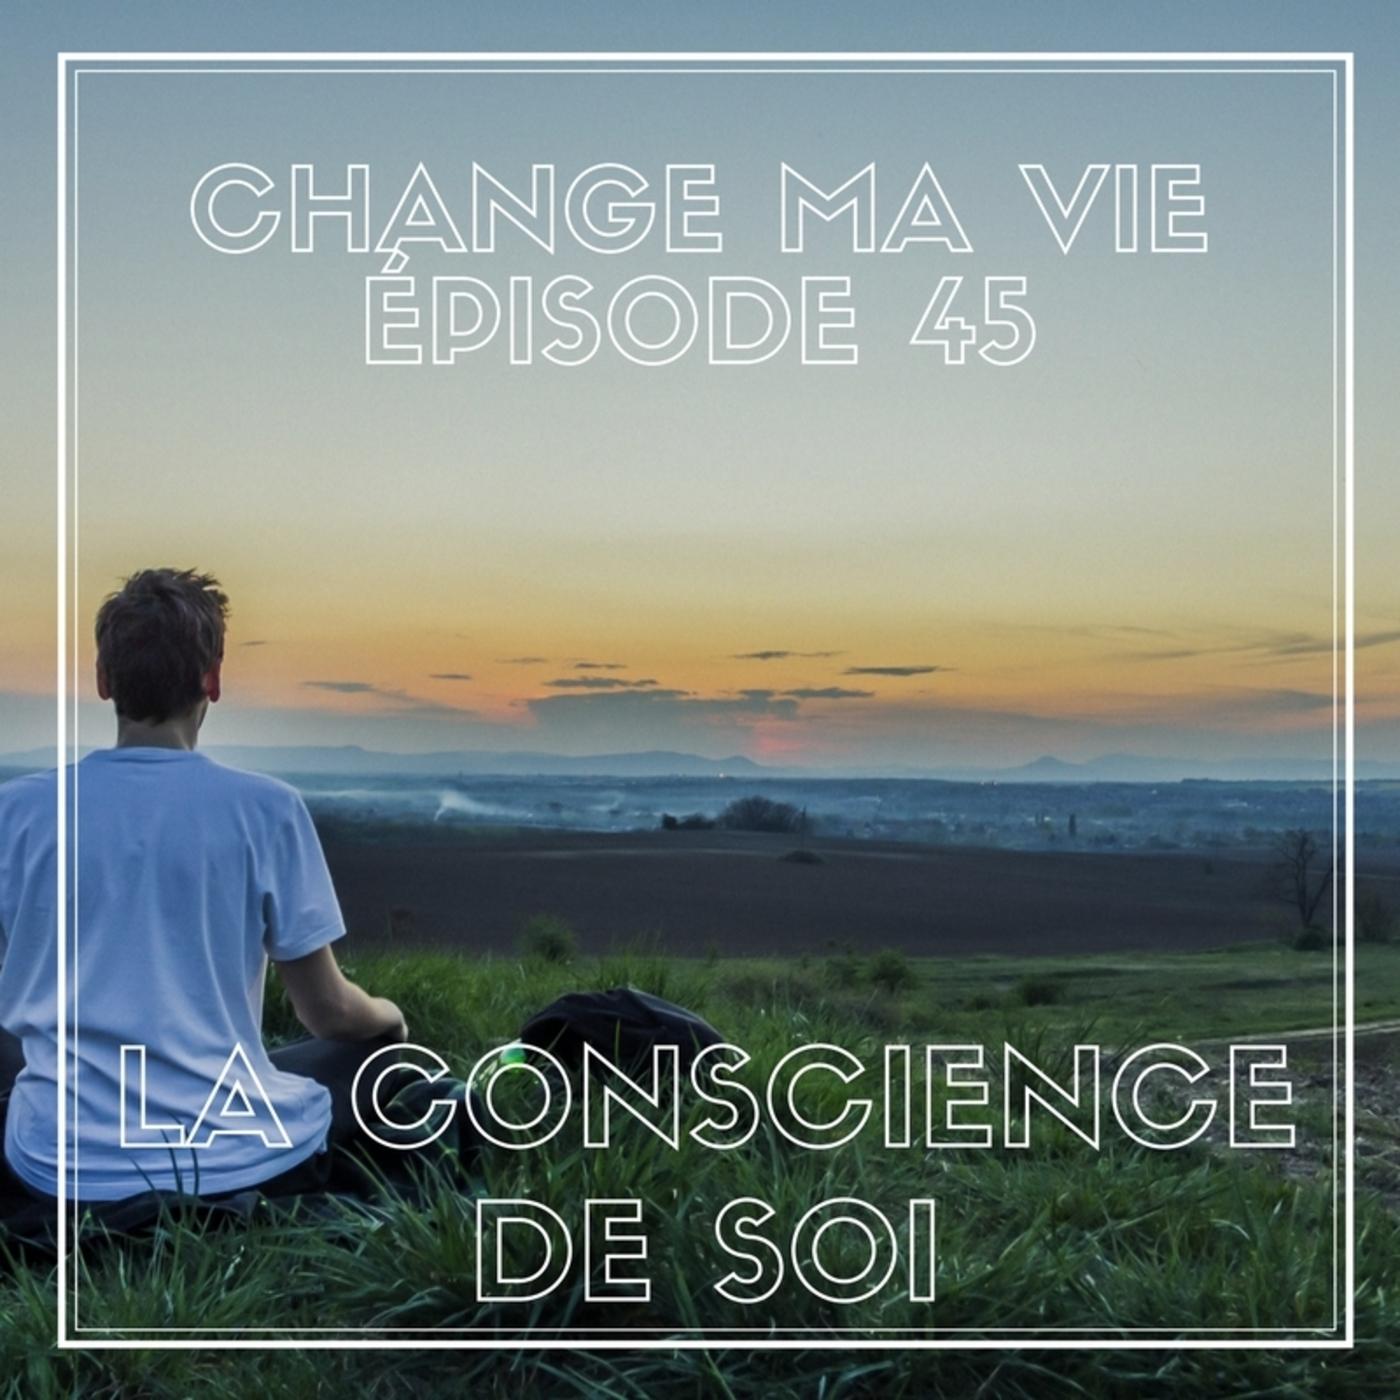 (045) La Conscience de soi